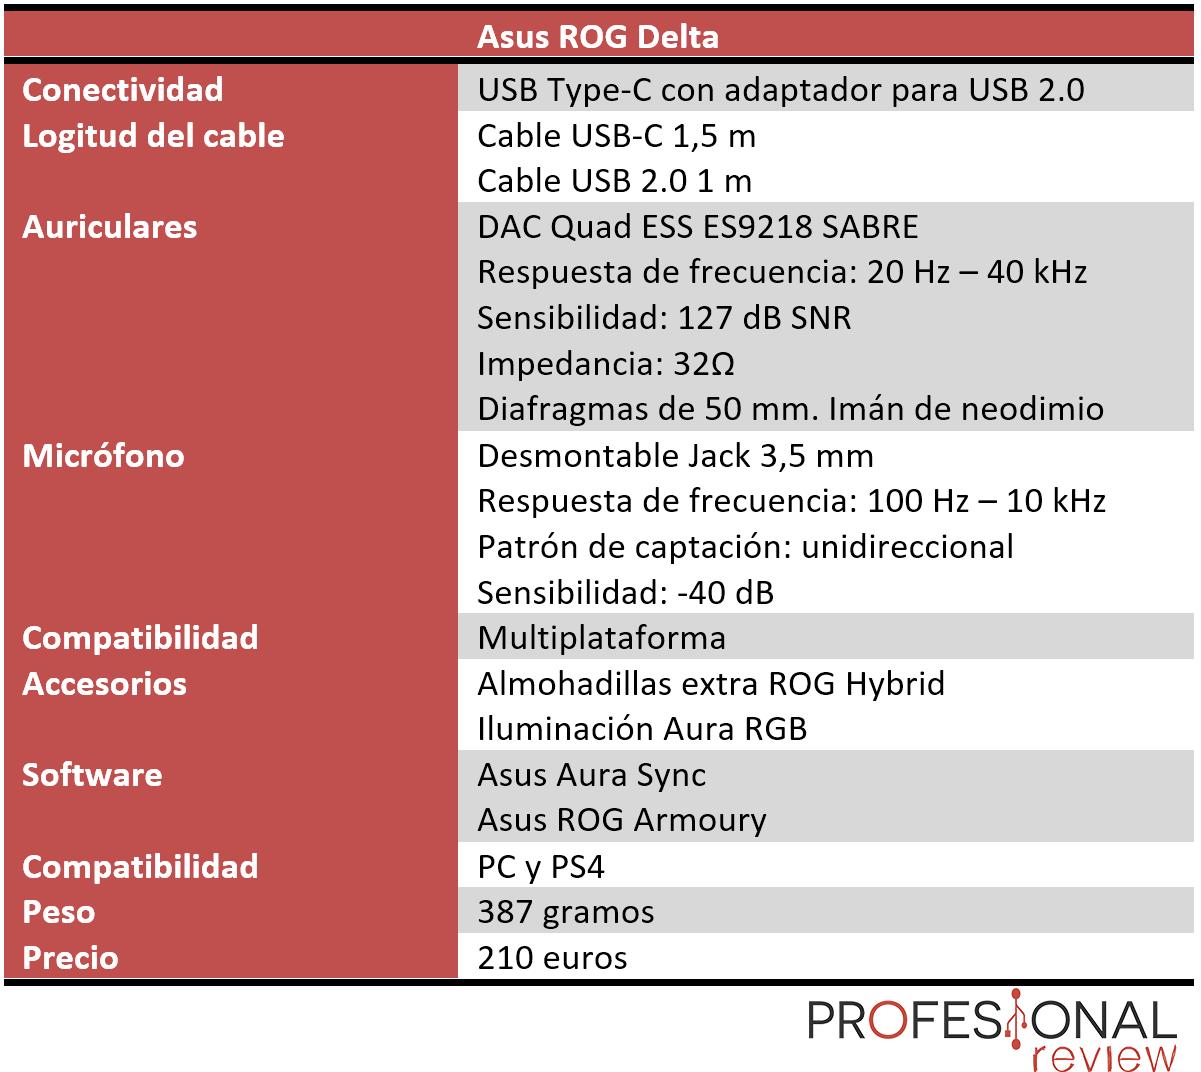 Asus ROG Delta Características